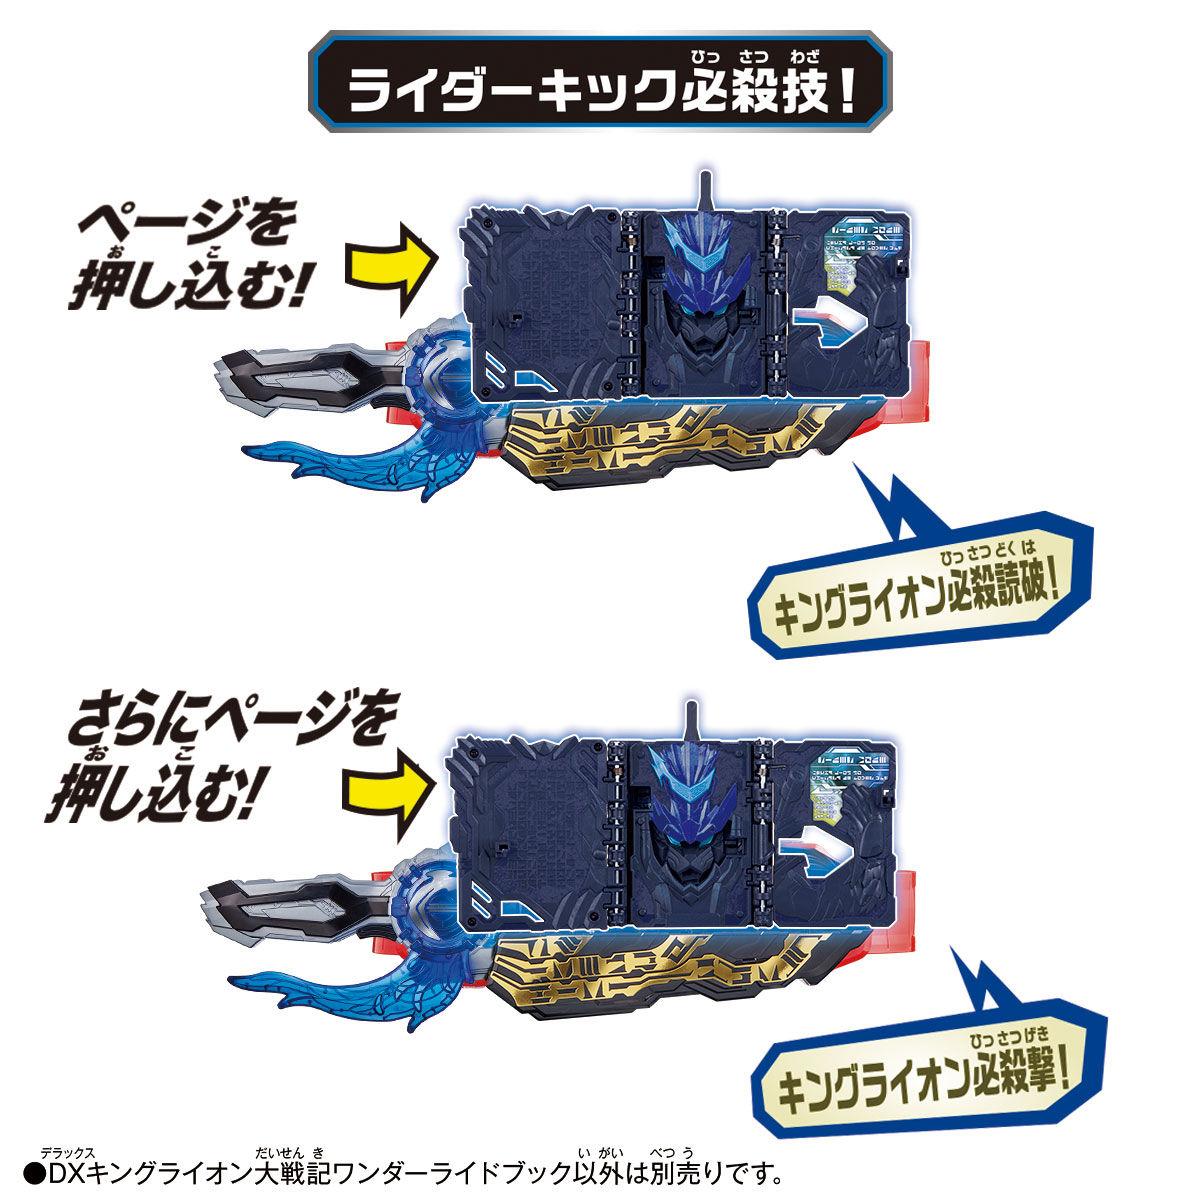 仮面ライダーセイバー『DXキングライオン大戦記ワンダーライドブック』変身なりきり-007